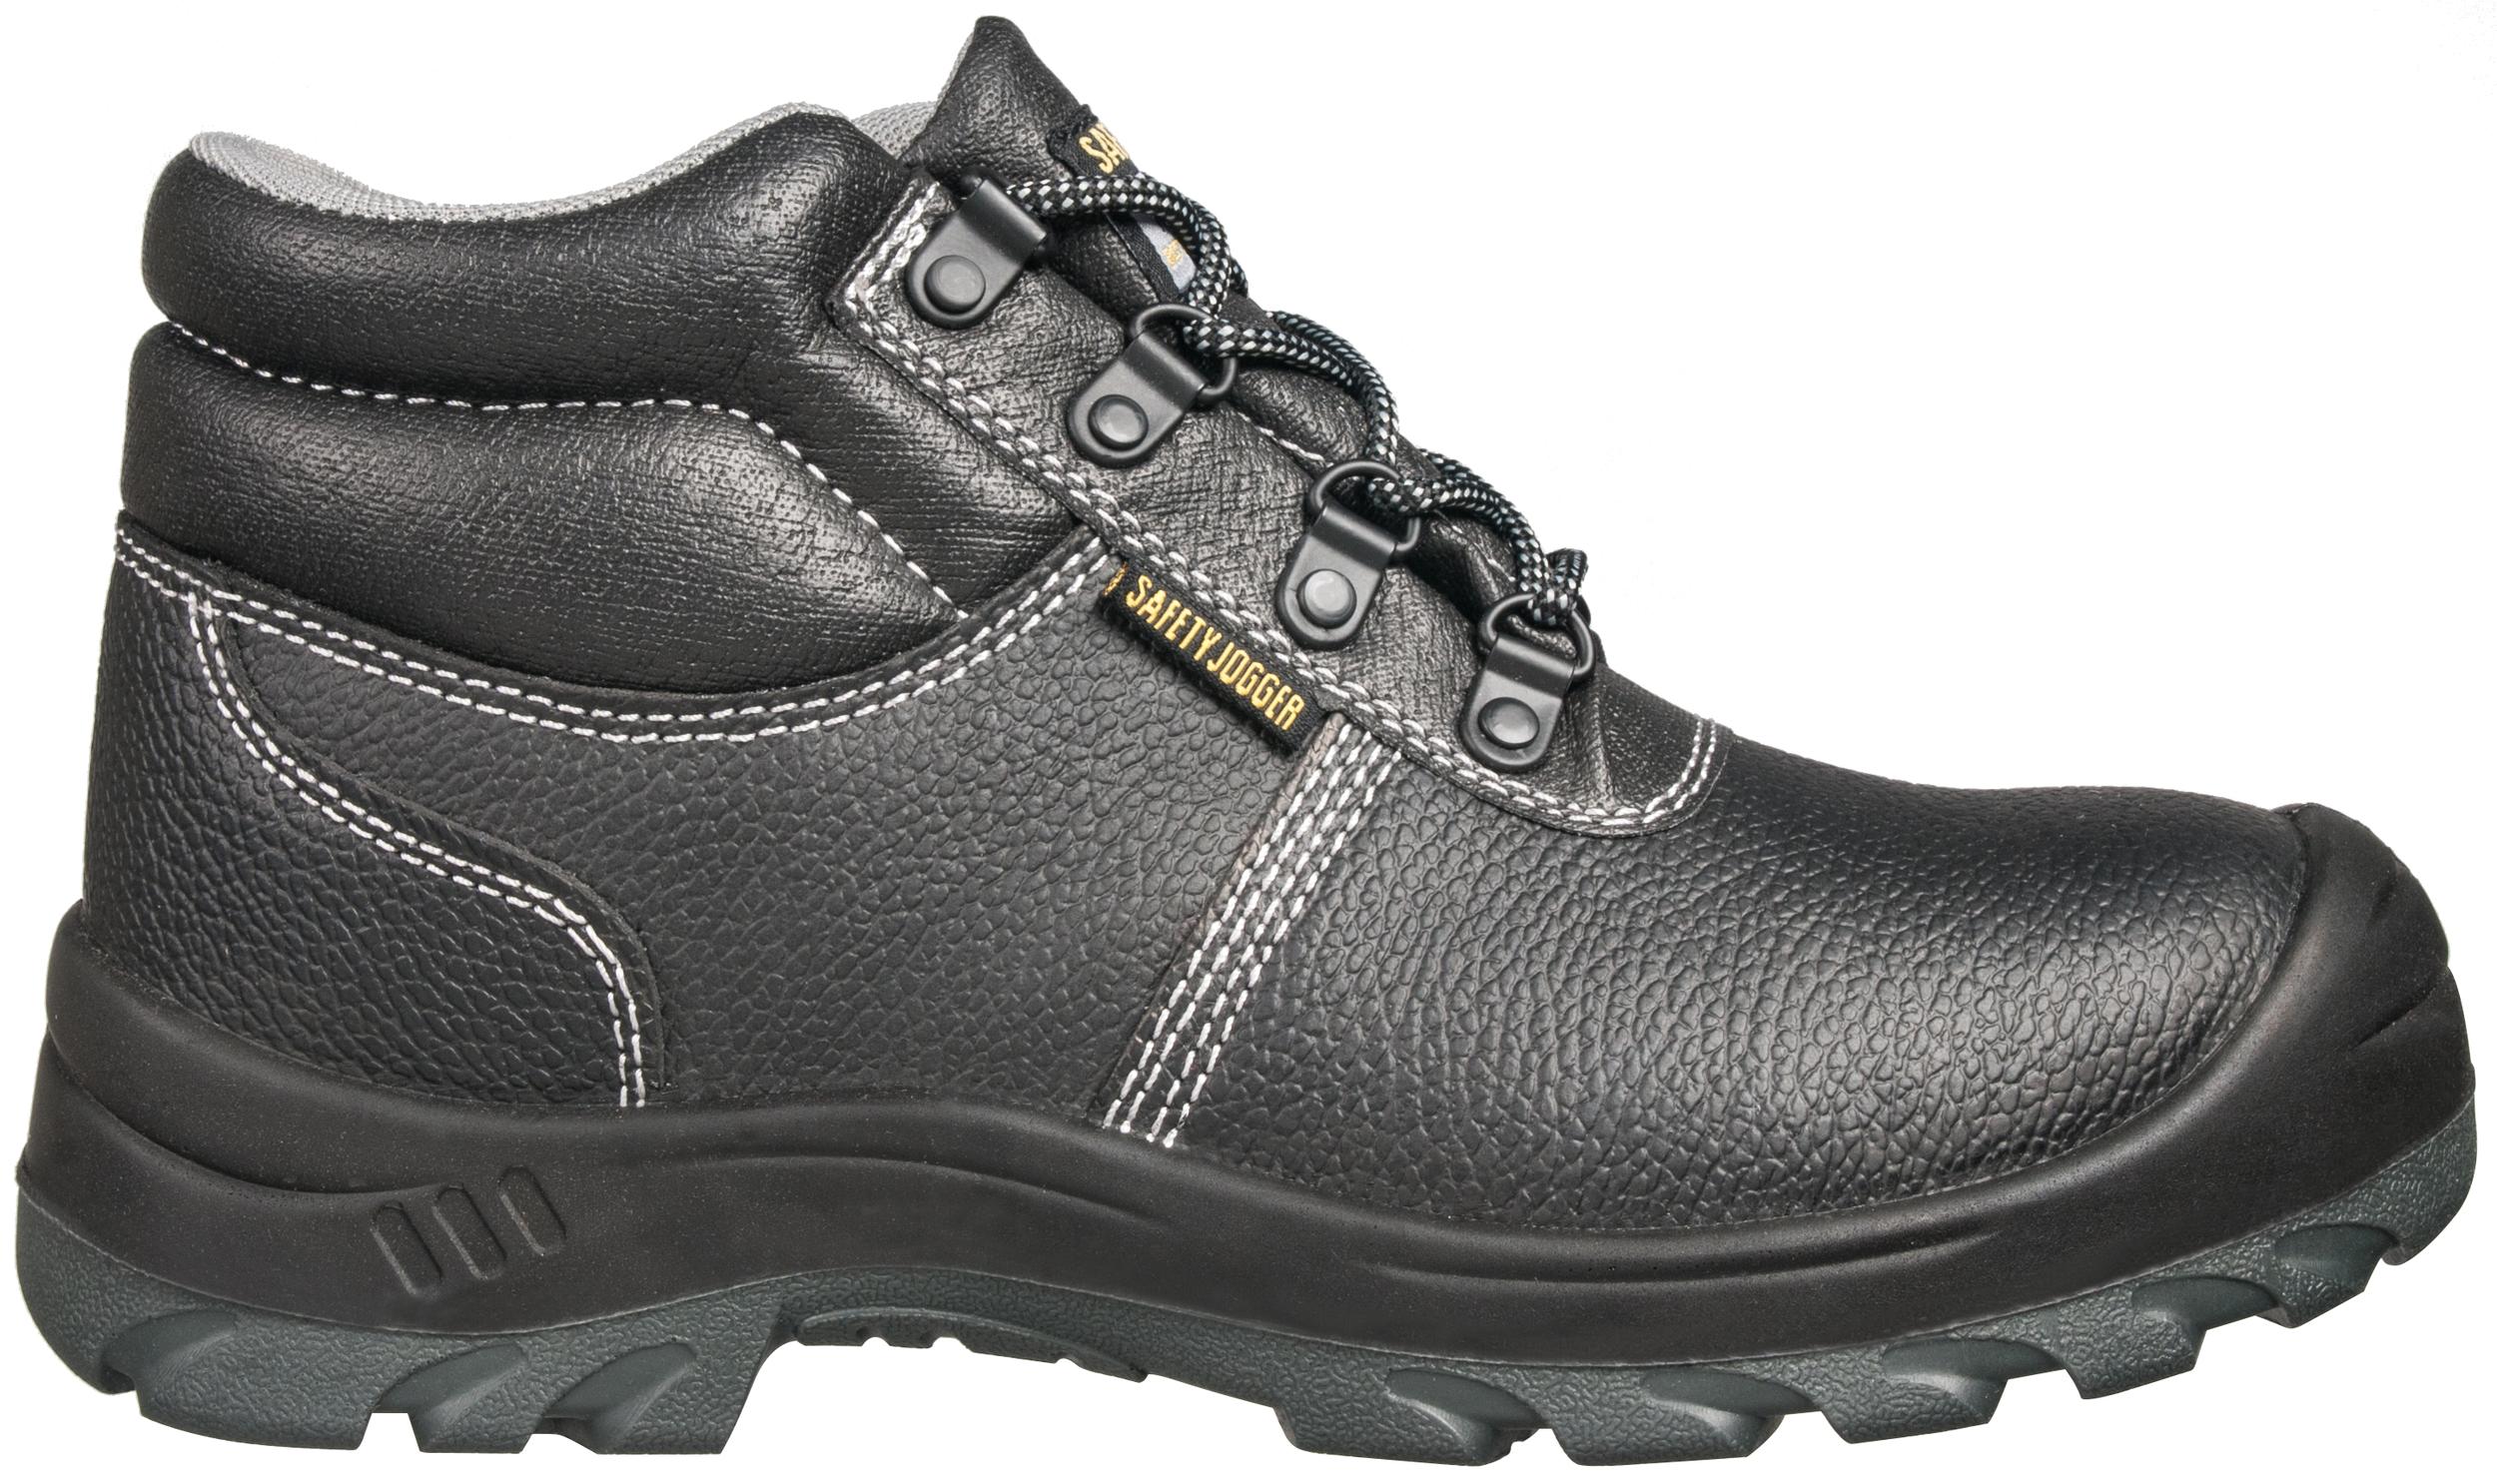 Chaussures de sécurité noires montantes à lacets BESTBOY